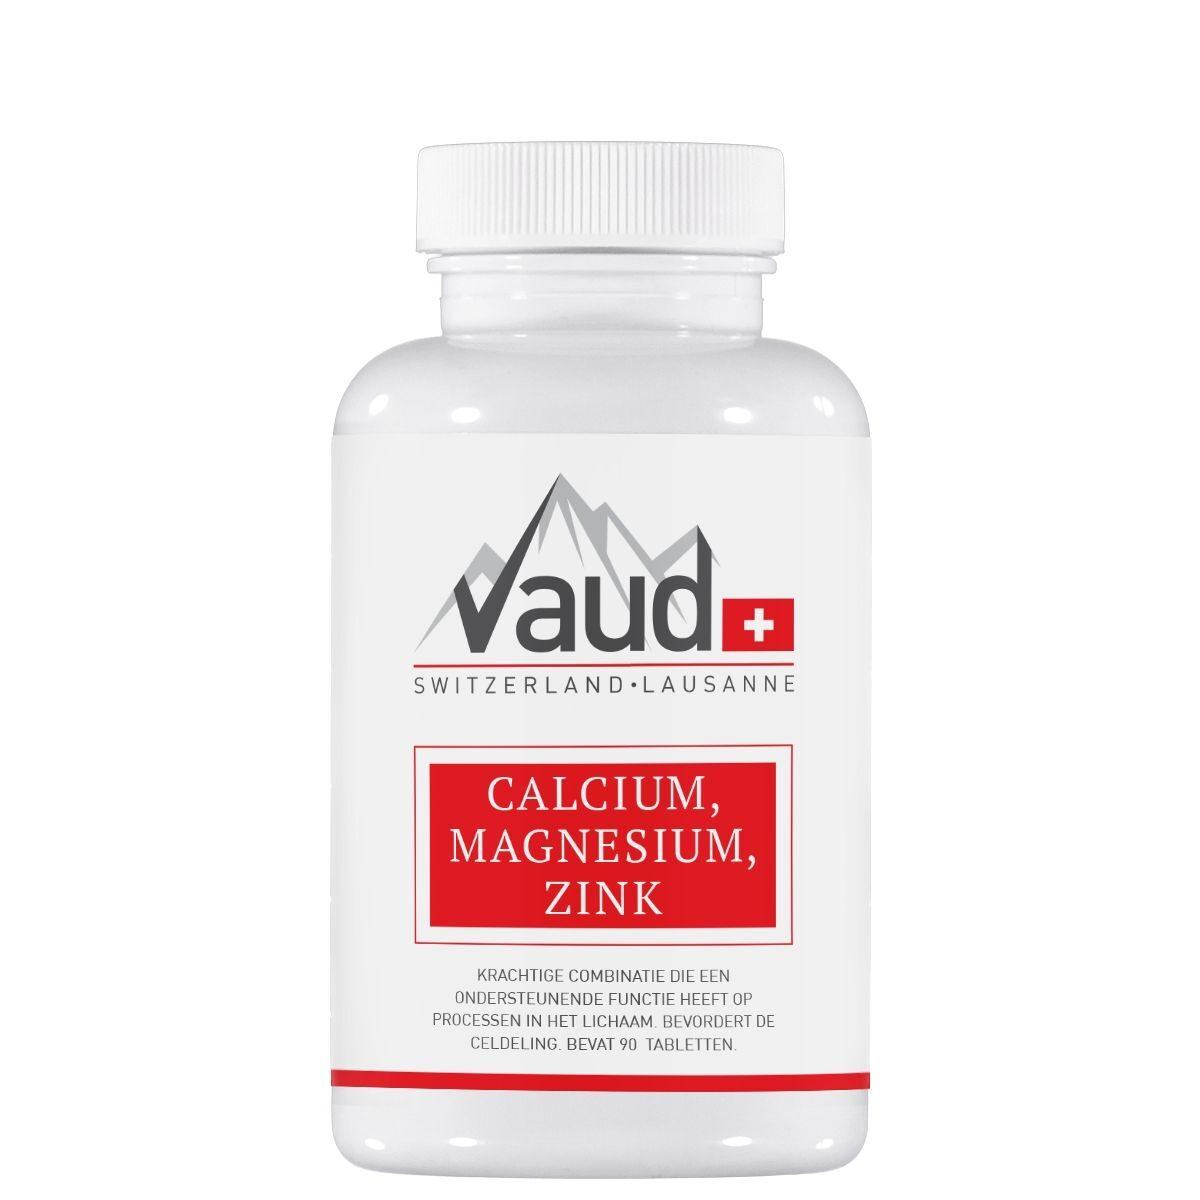 calcium-magnesium-zink-vaud